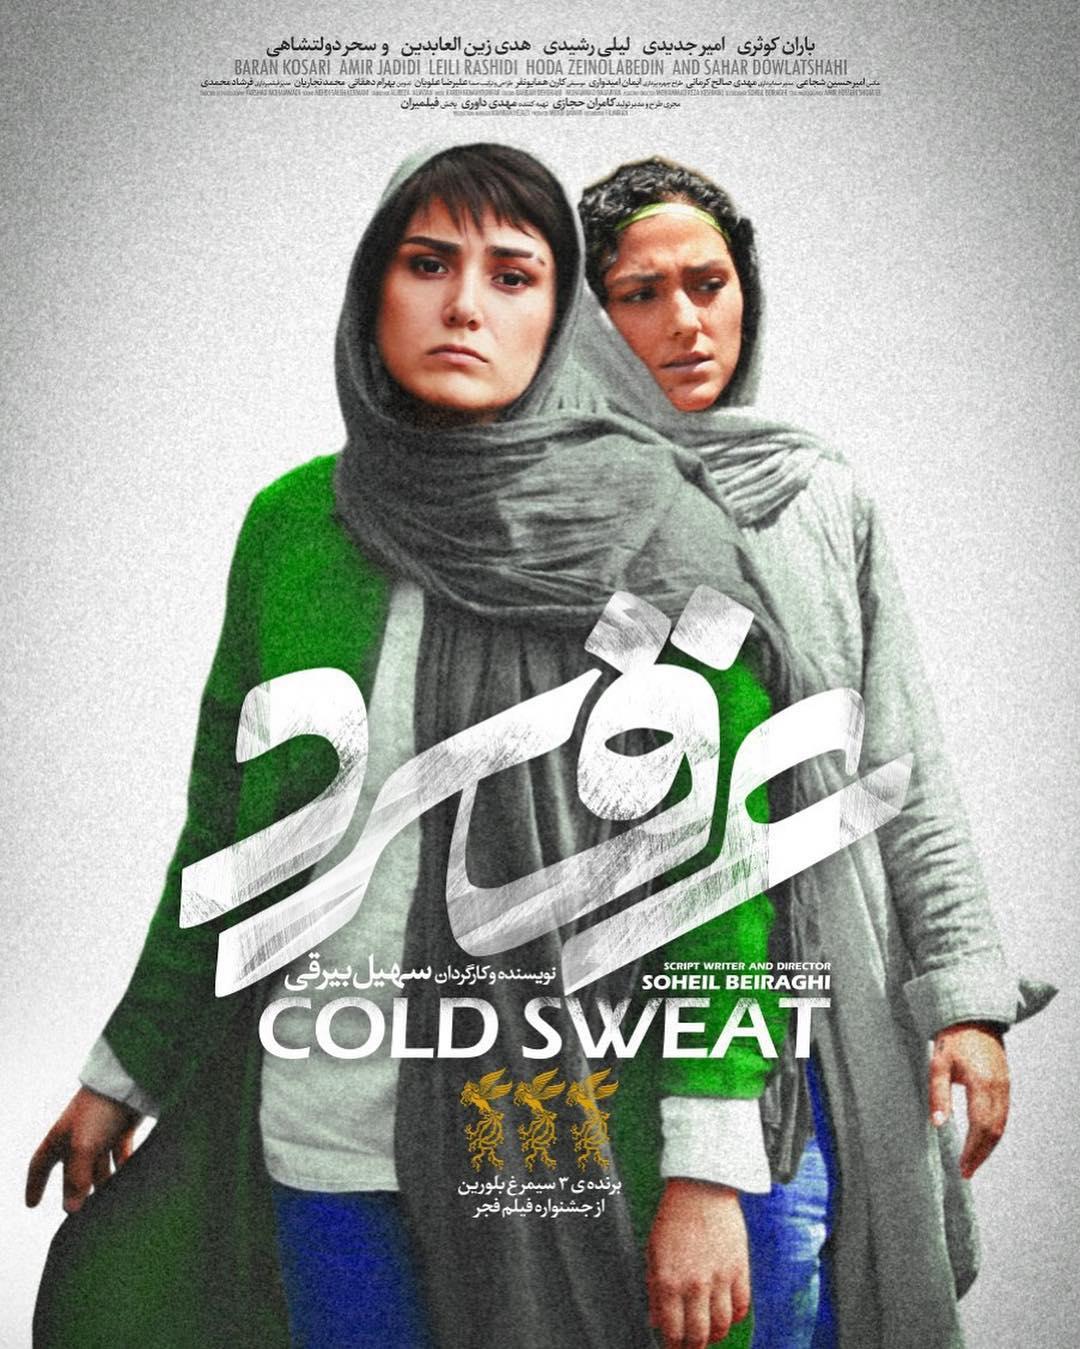 تصویر از زنان پشت مرزها؛ نقد و بررسی فیلم عرق سرد